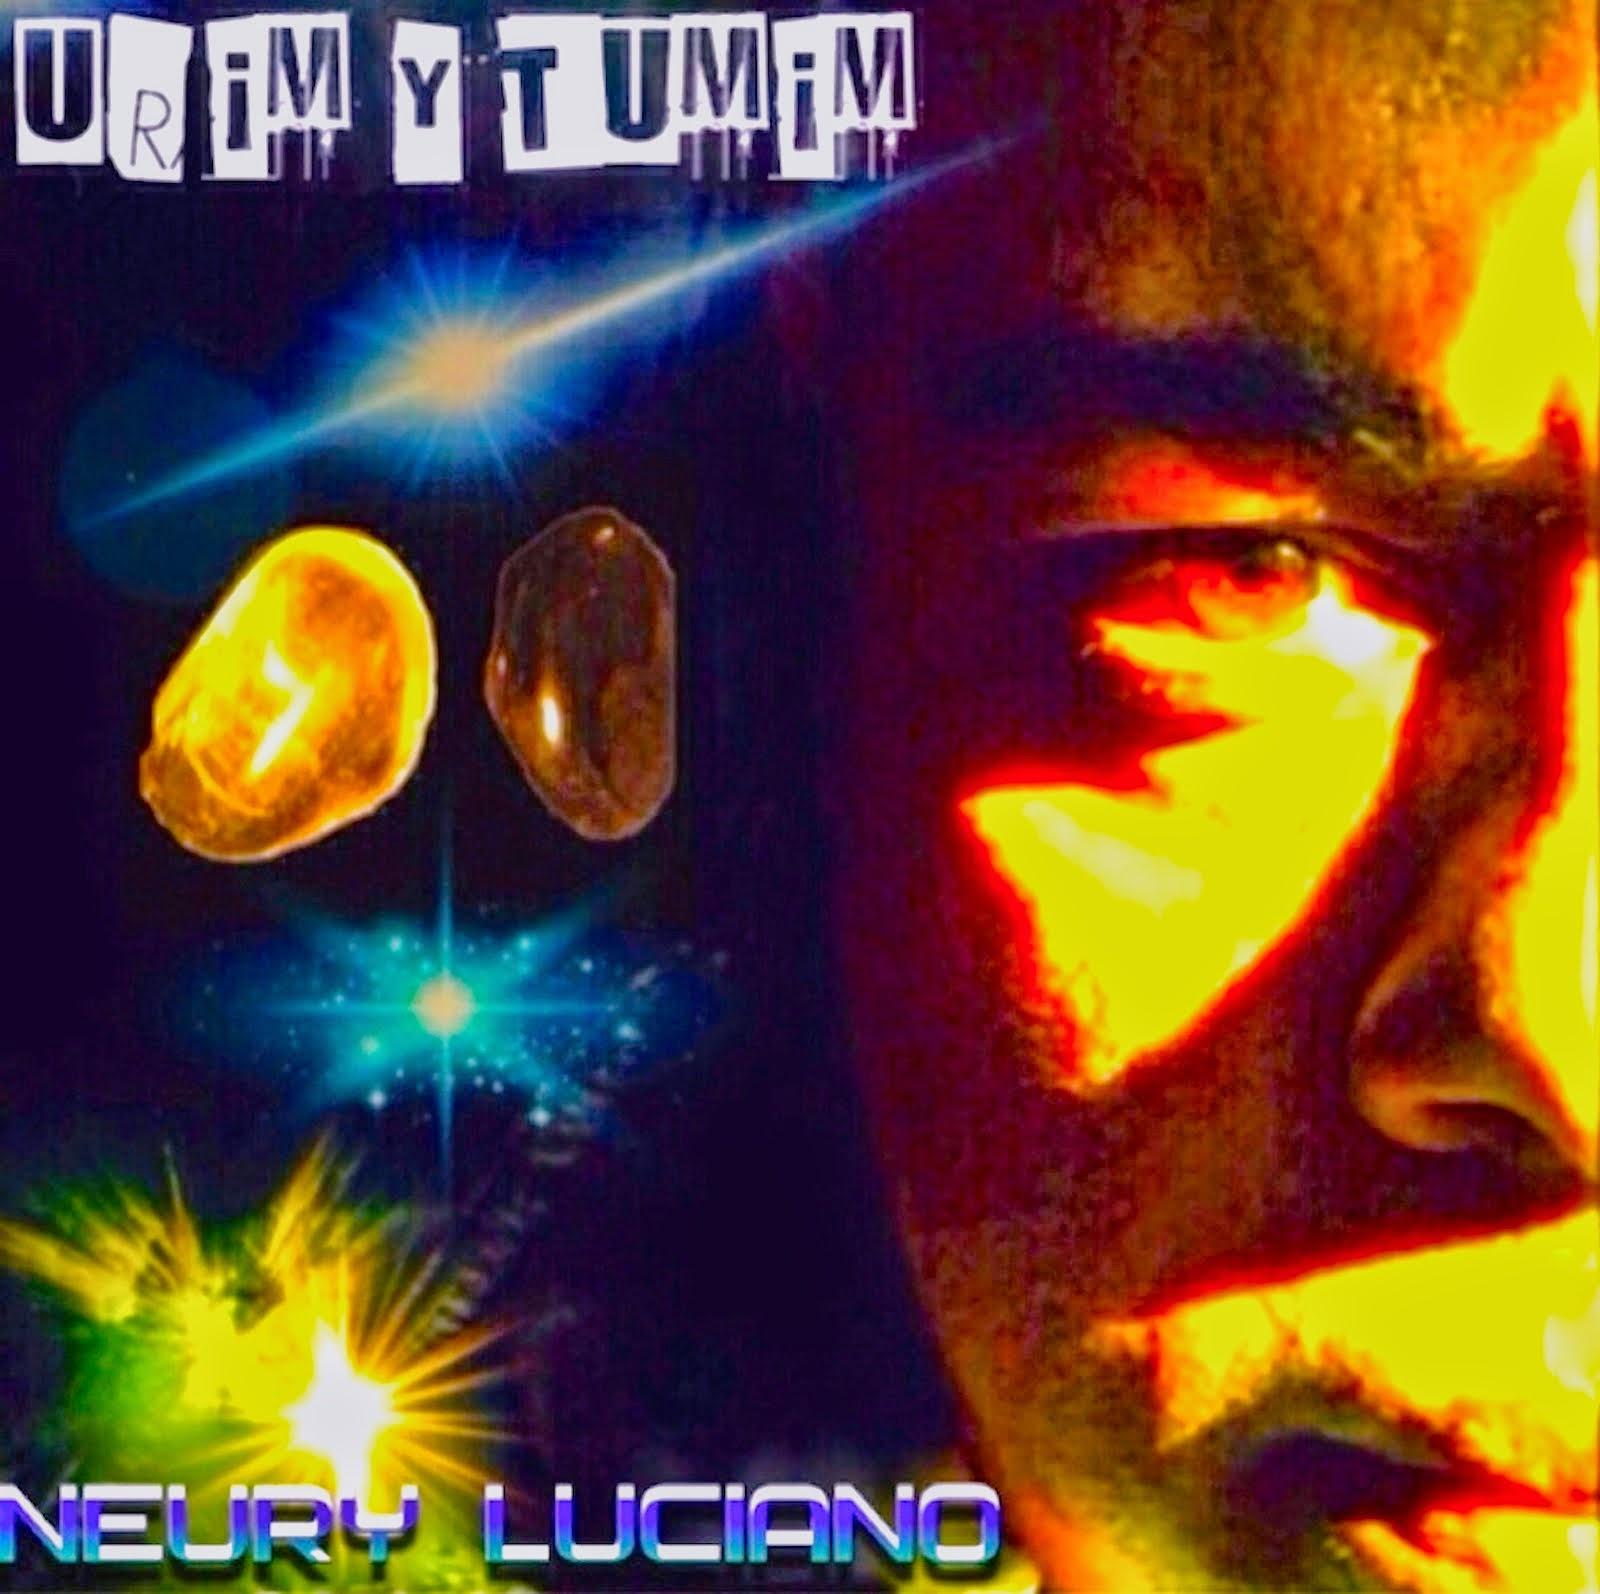 Neury Luciano  Album: Urim Y Tumim